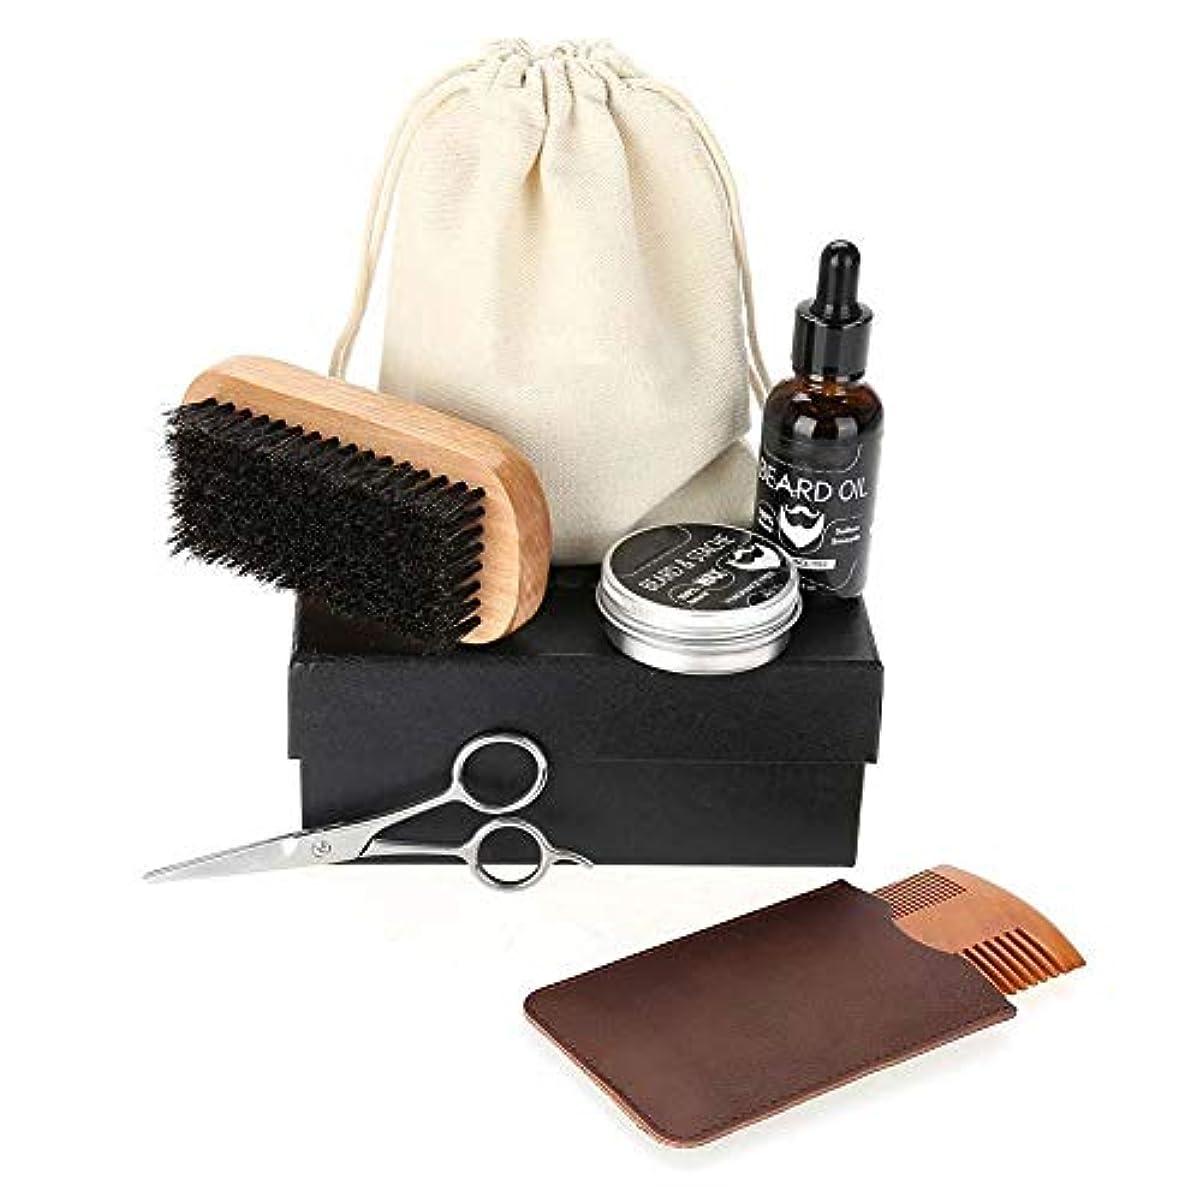 7件セットひげケアキット、ひげ修理セット、男性ひげケアキット、はさみやひげブラシや収納袋などを付き、ミニ、軽量、家庭や旅行用などに最適